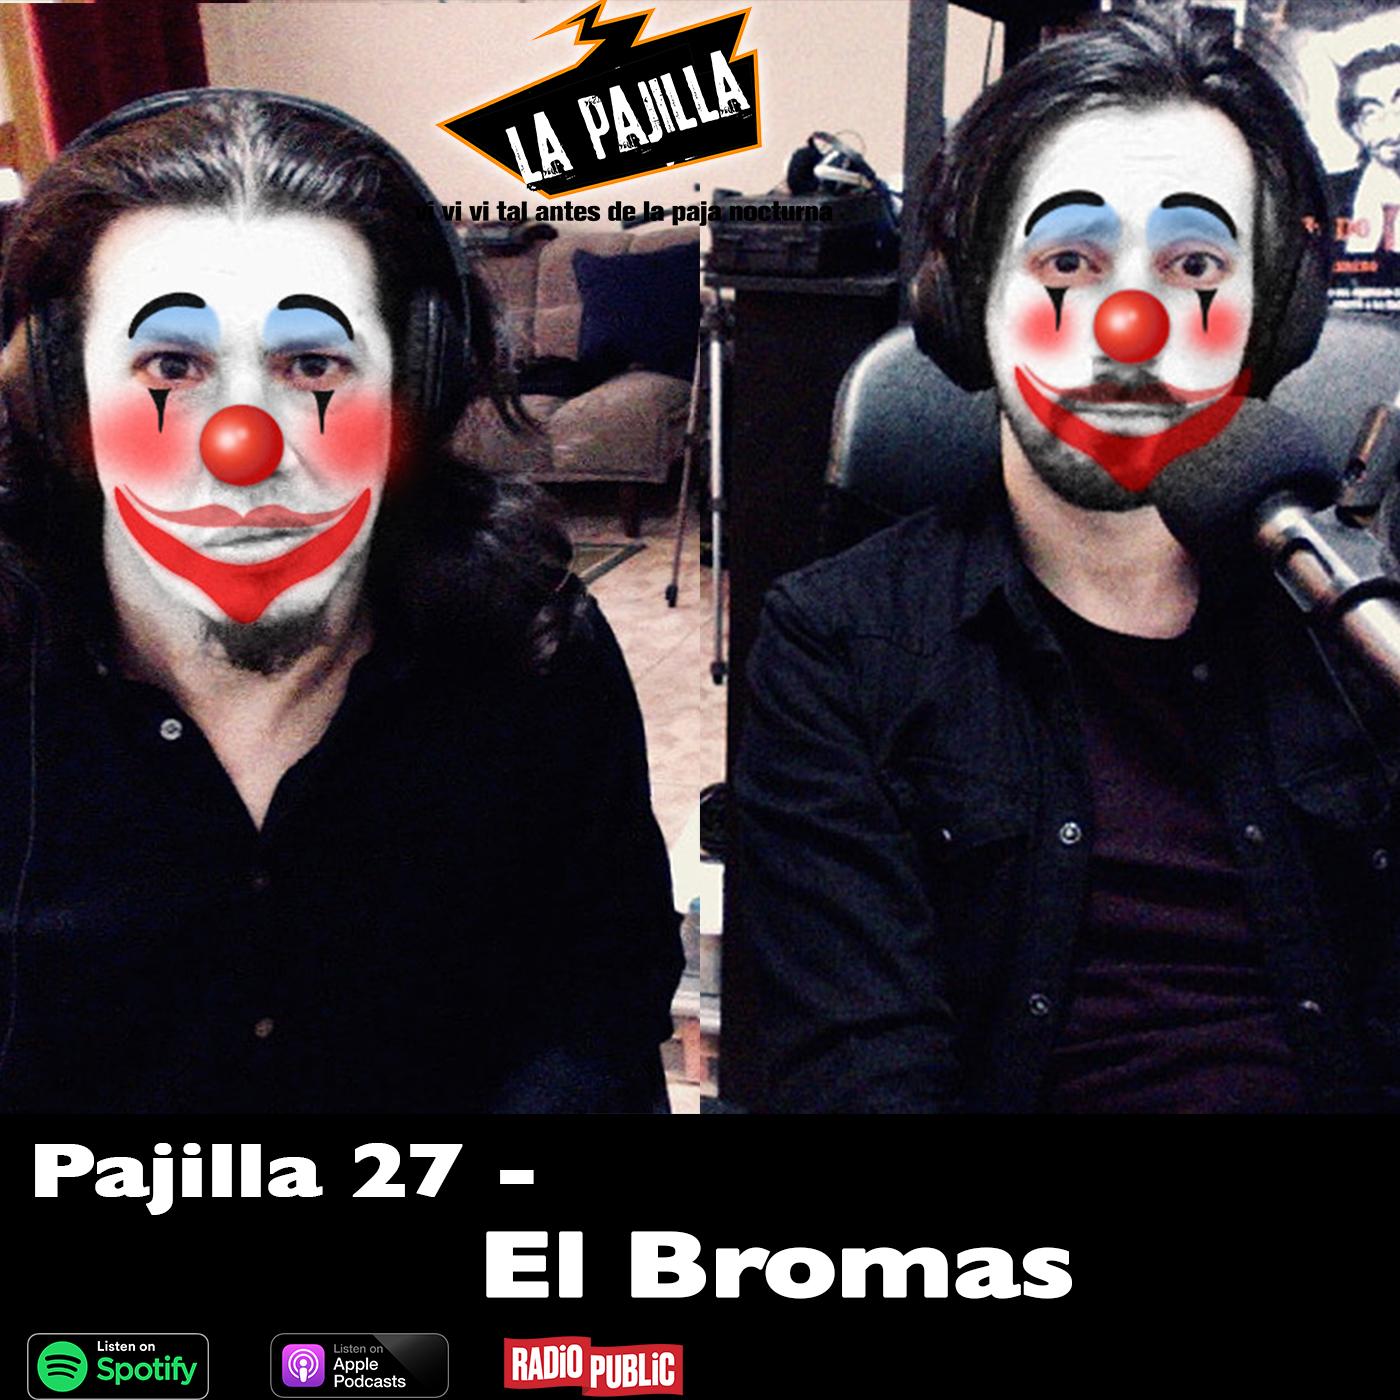 La Paja Nocturna Podcast CR Pajilla